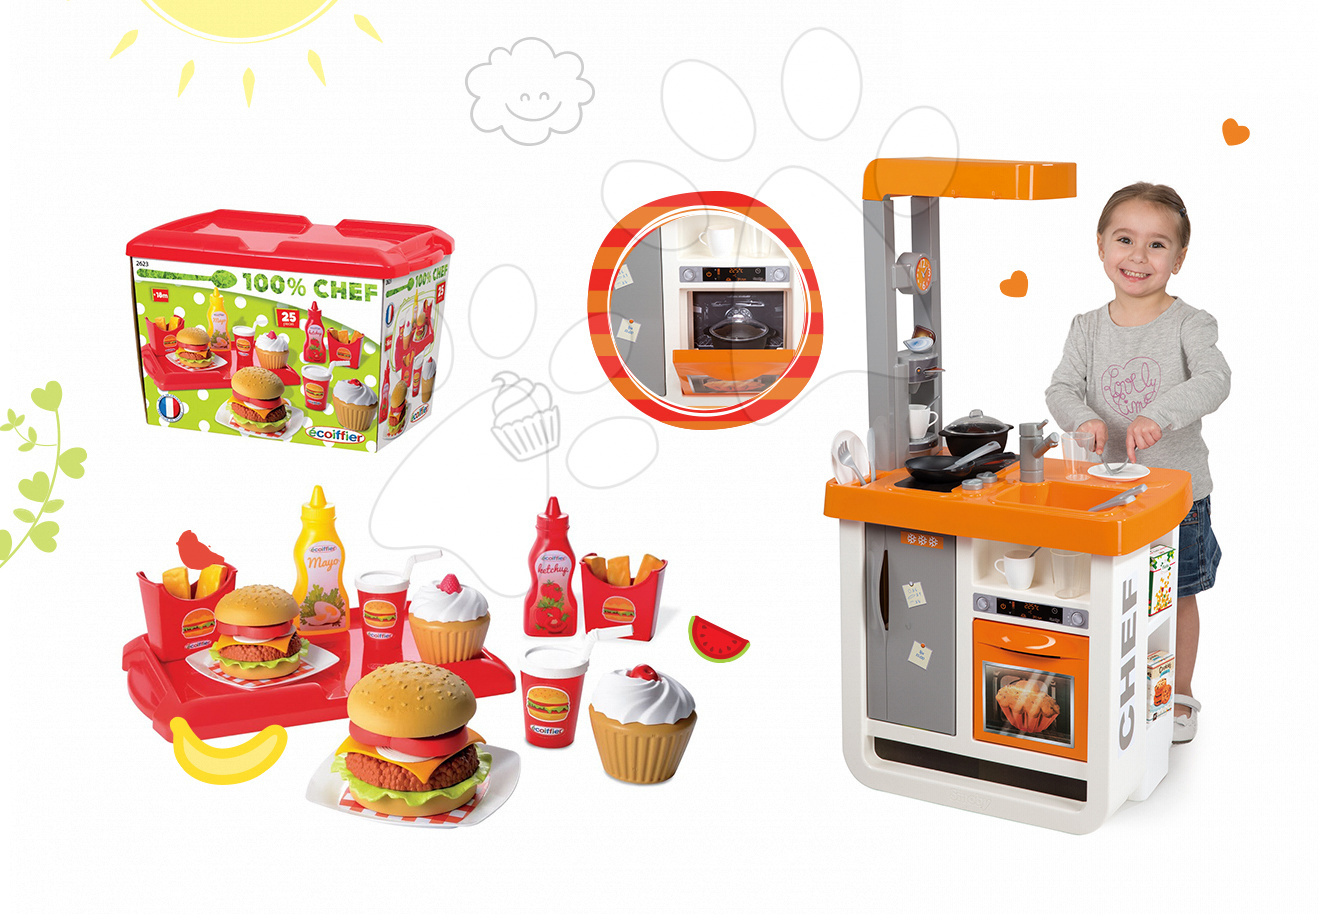 Smoby detská kuchynka Bon Appétit Chef a Écoiffier hamburgerový set 310803-1